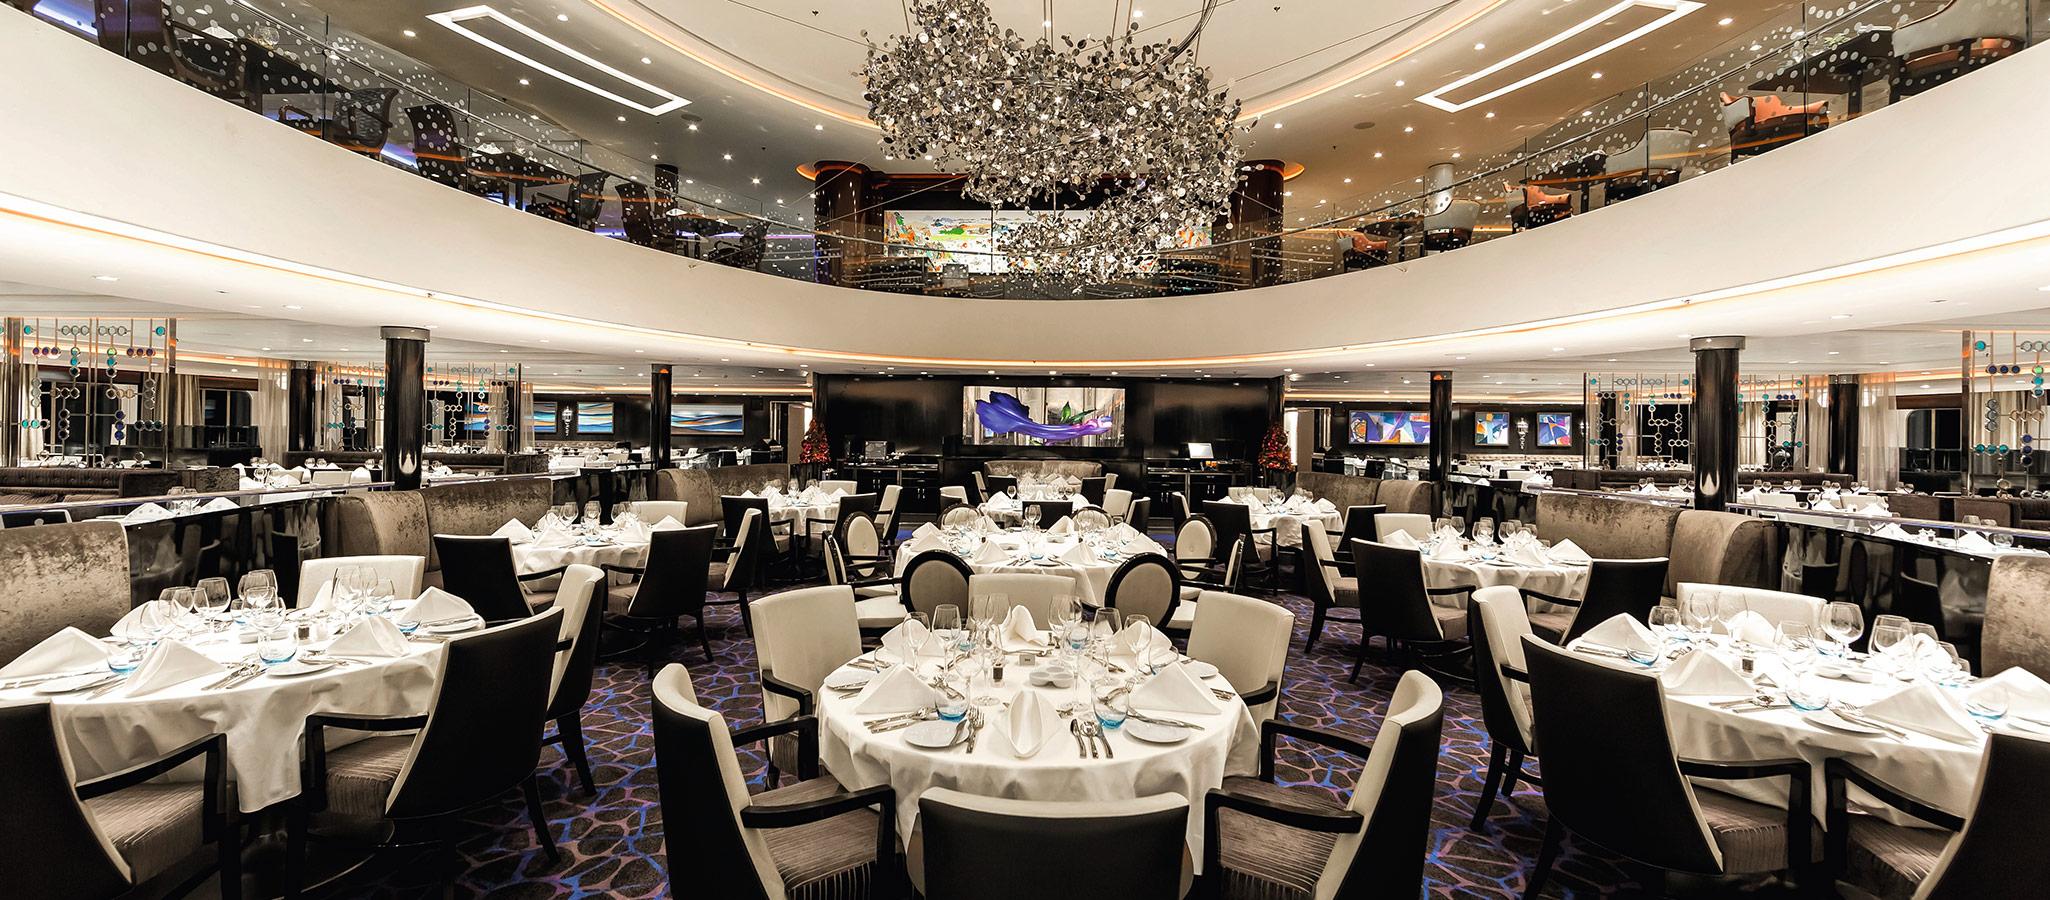 Die Restaurants der Kreuzfahrt-schiffe fassen teilweise bis zu 1200 Gäste in einer einzigen Sitzung. Für Events mit Single-Room-Besetzung optimal.